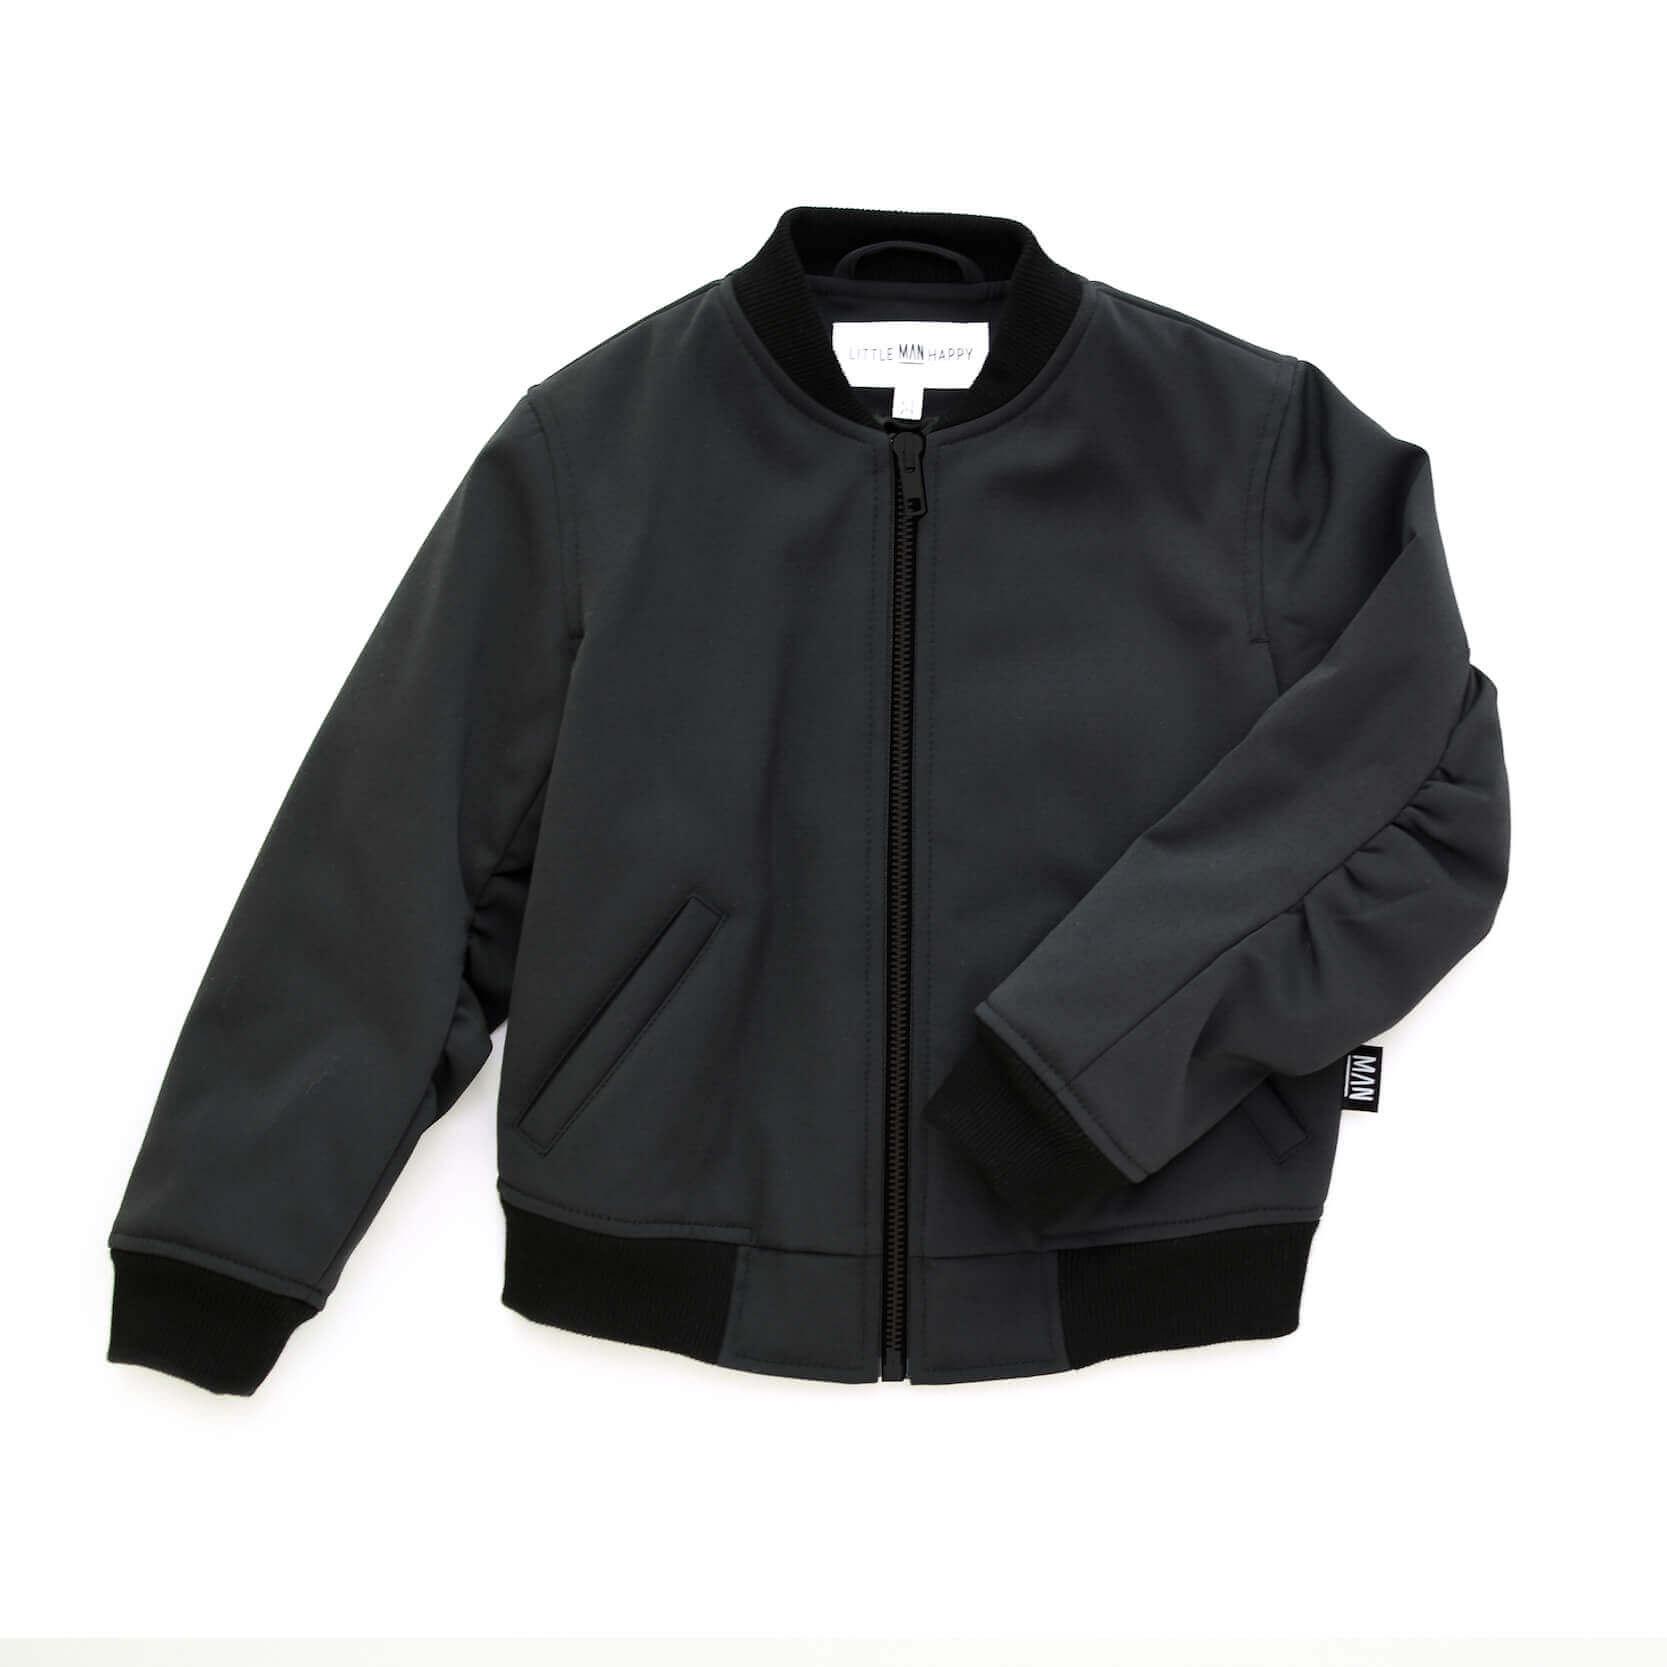 unisex bomber jacket